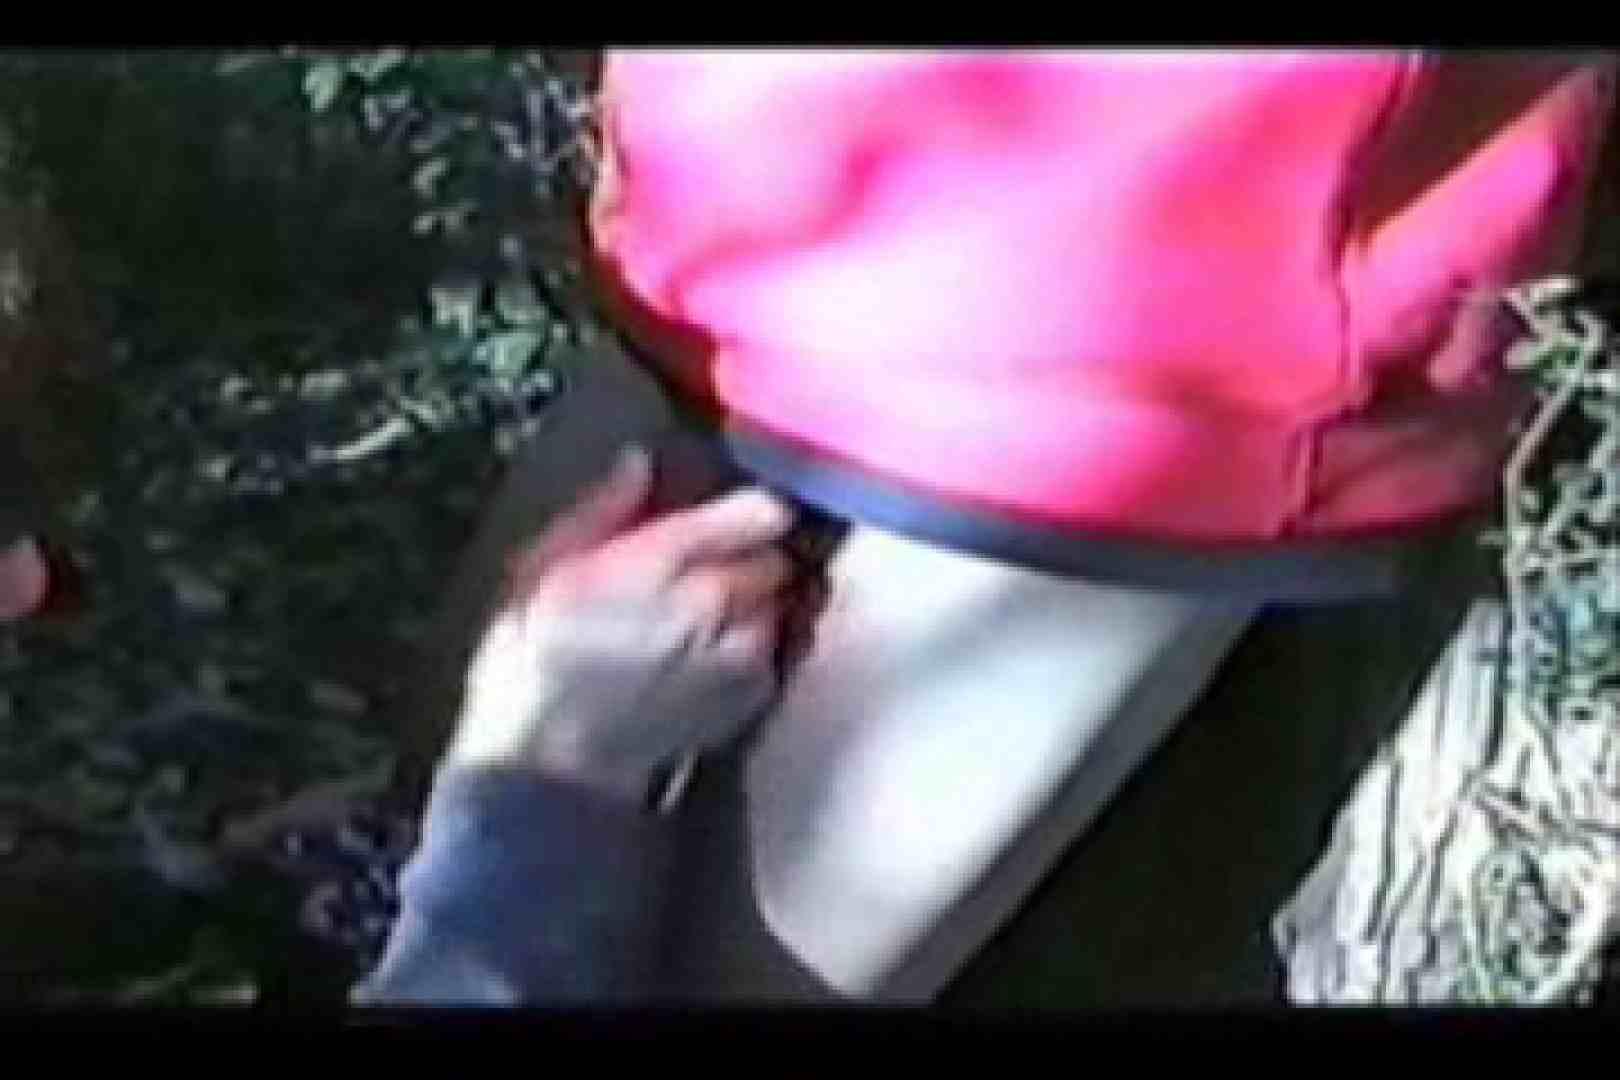 オールドゲイシリーズ  美少年ひかるのオープンファック アナル舐め ゲイ肛門画像 83枚 68